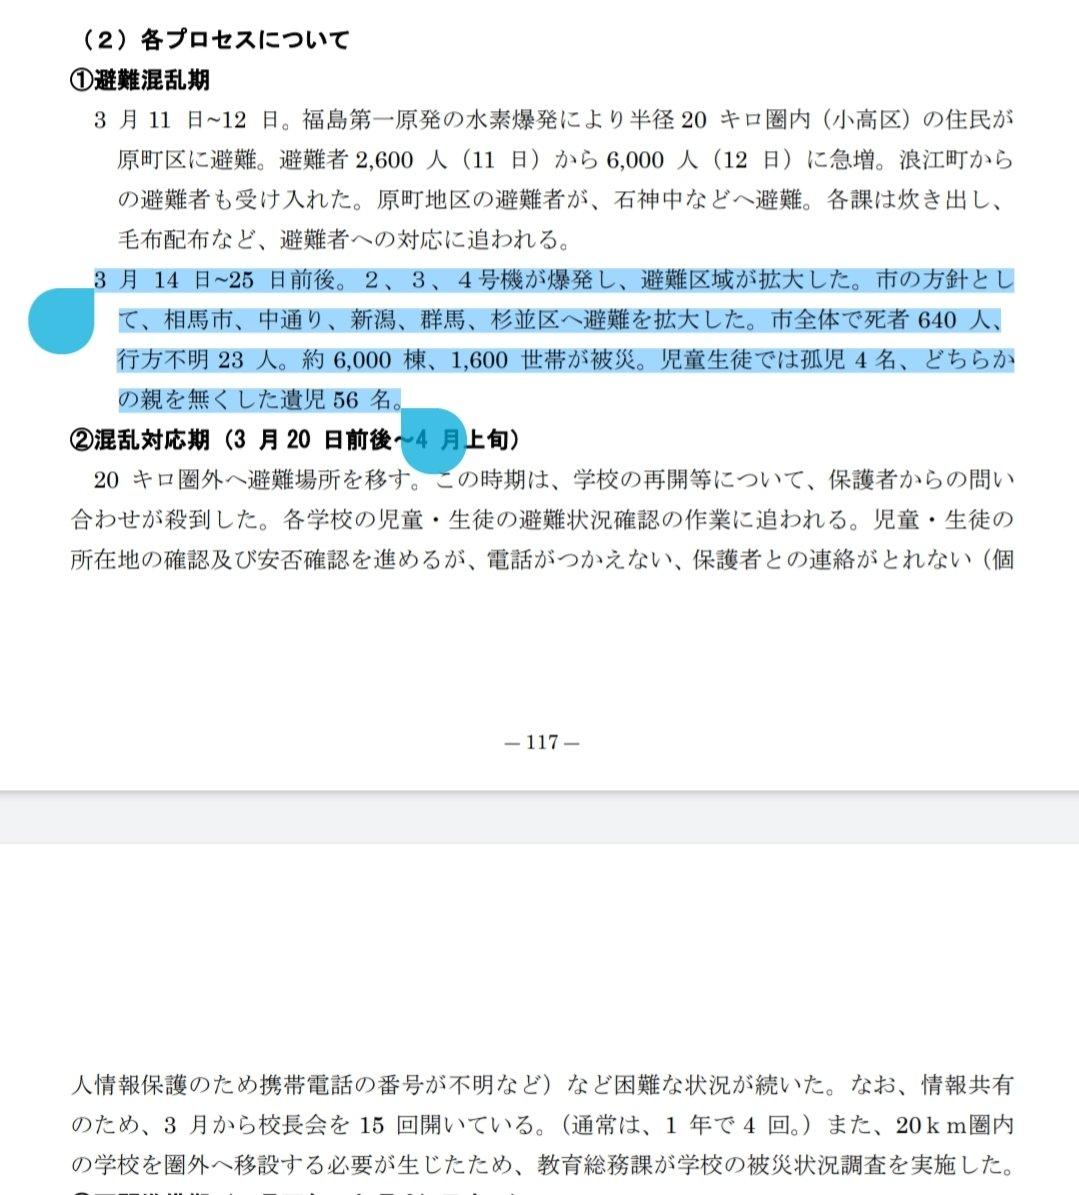 183 婚活ブログ ヲチ 35歳会社員が1年以内に結婚相手を見つけるブログ